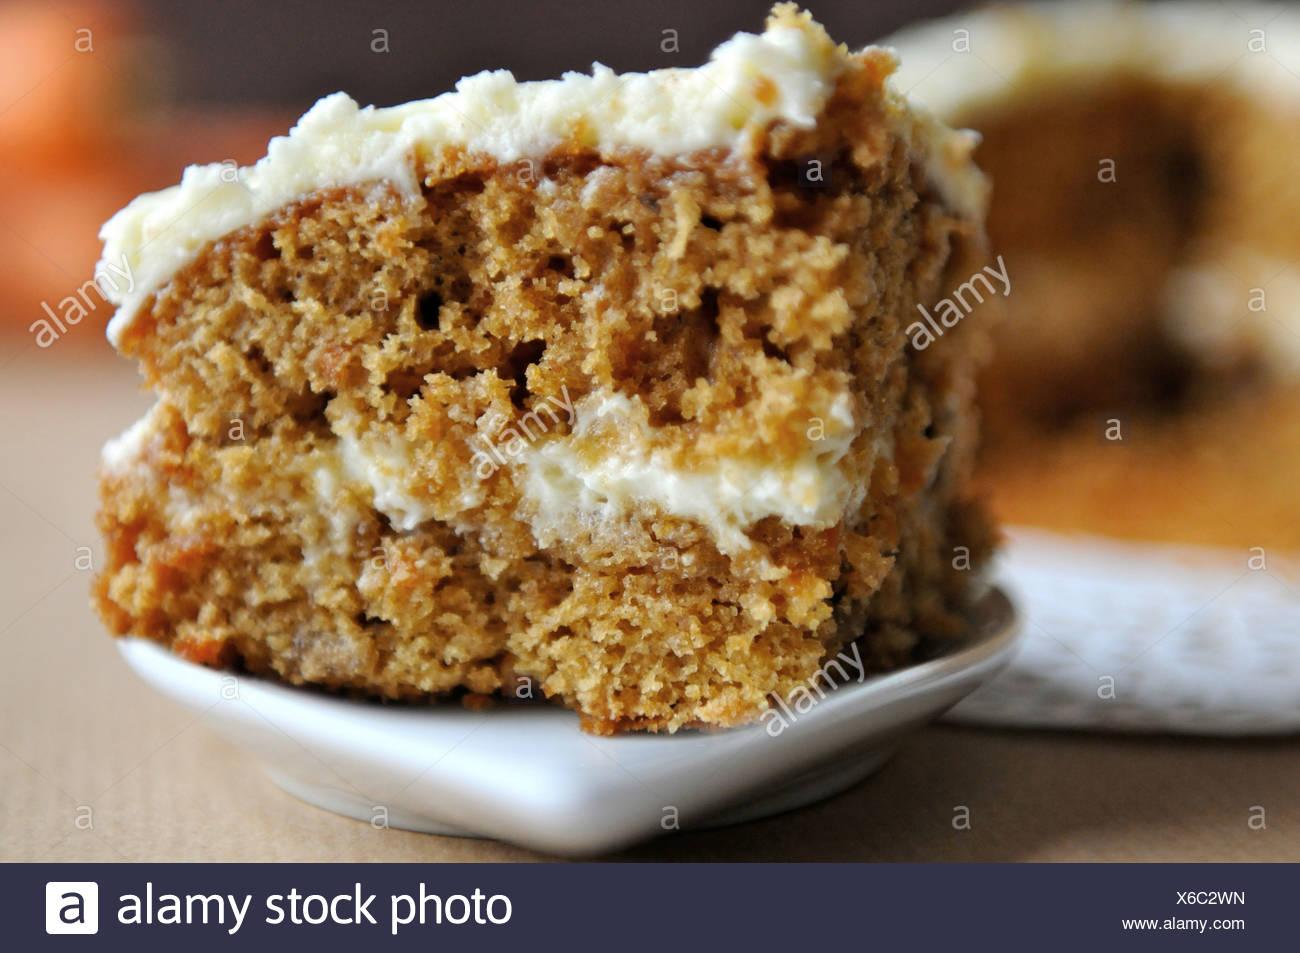 Ein einziges Stück Karottenkuchen auf einem weißen Teller Stockbild